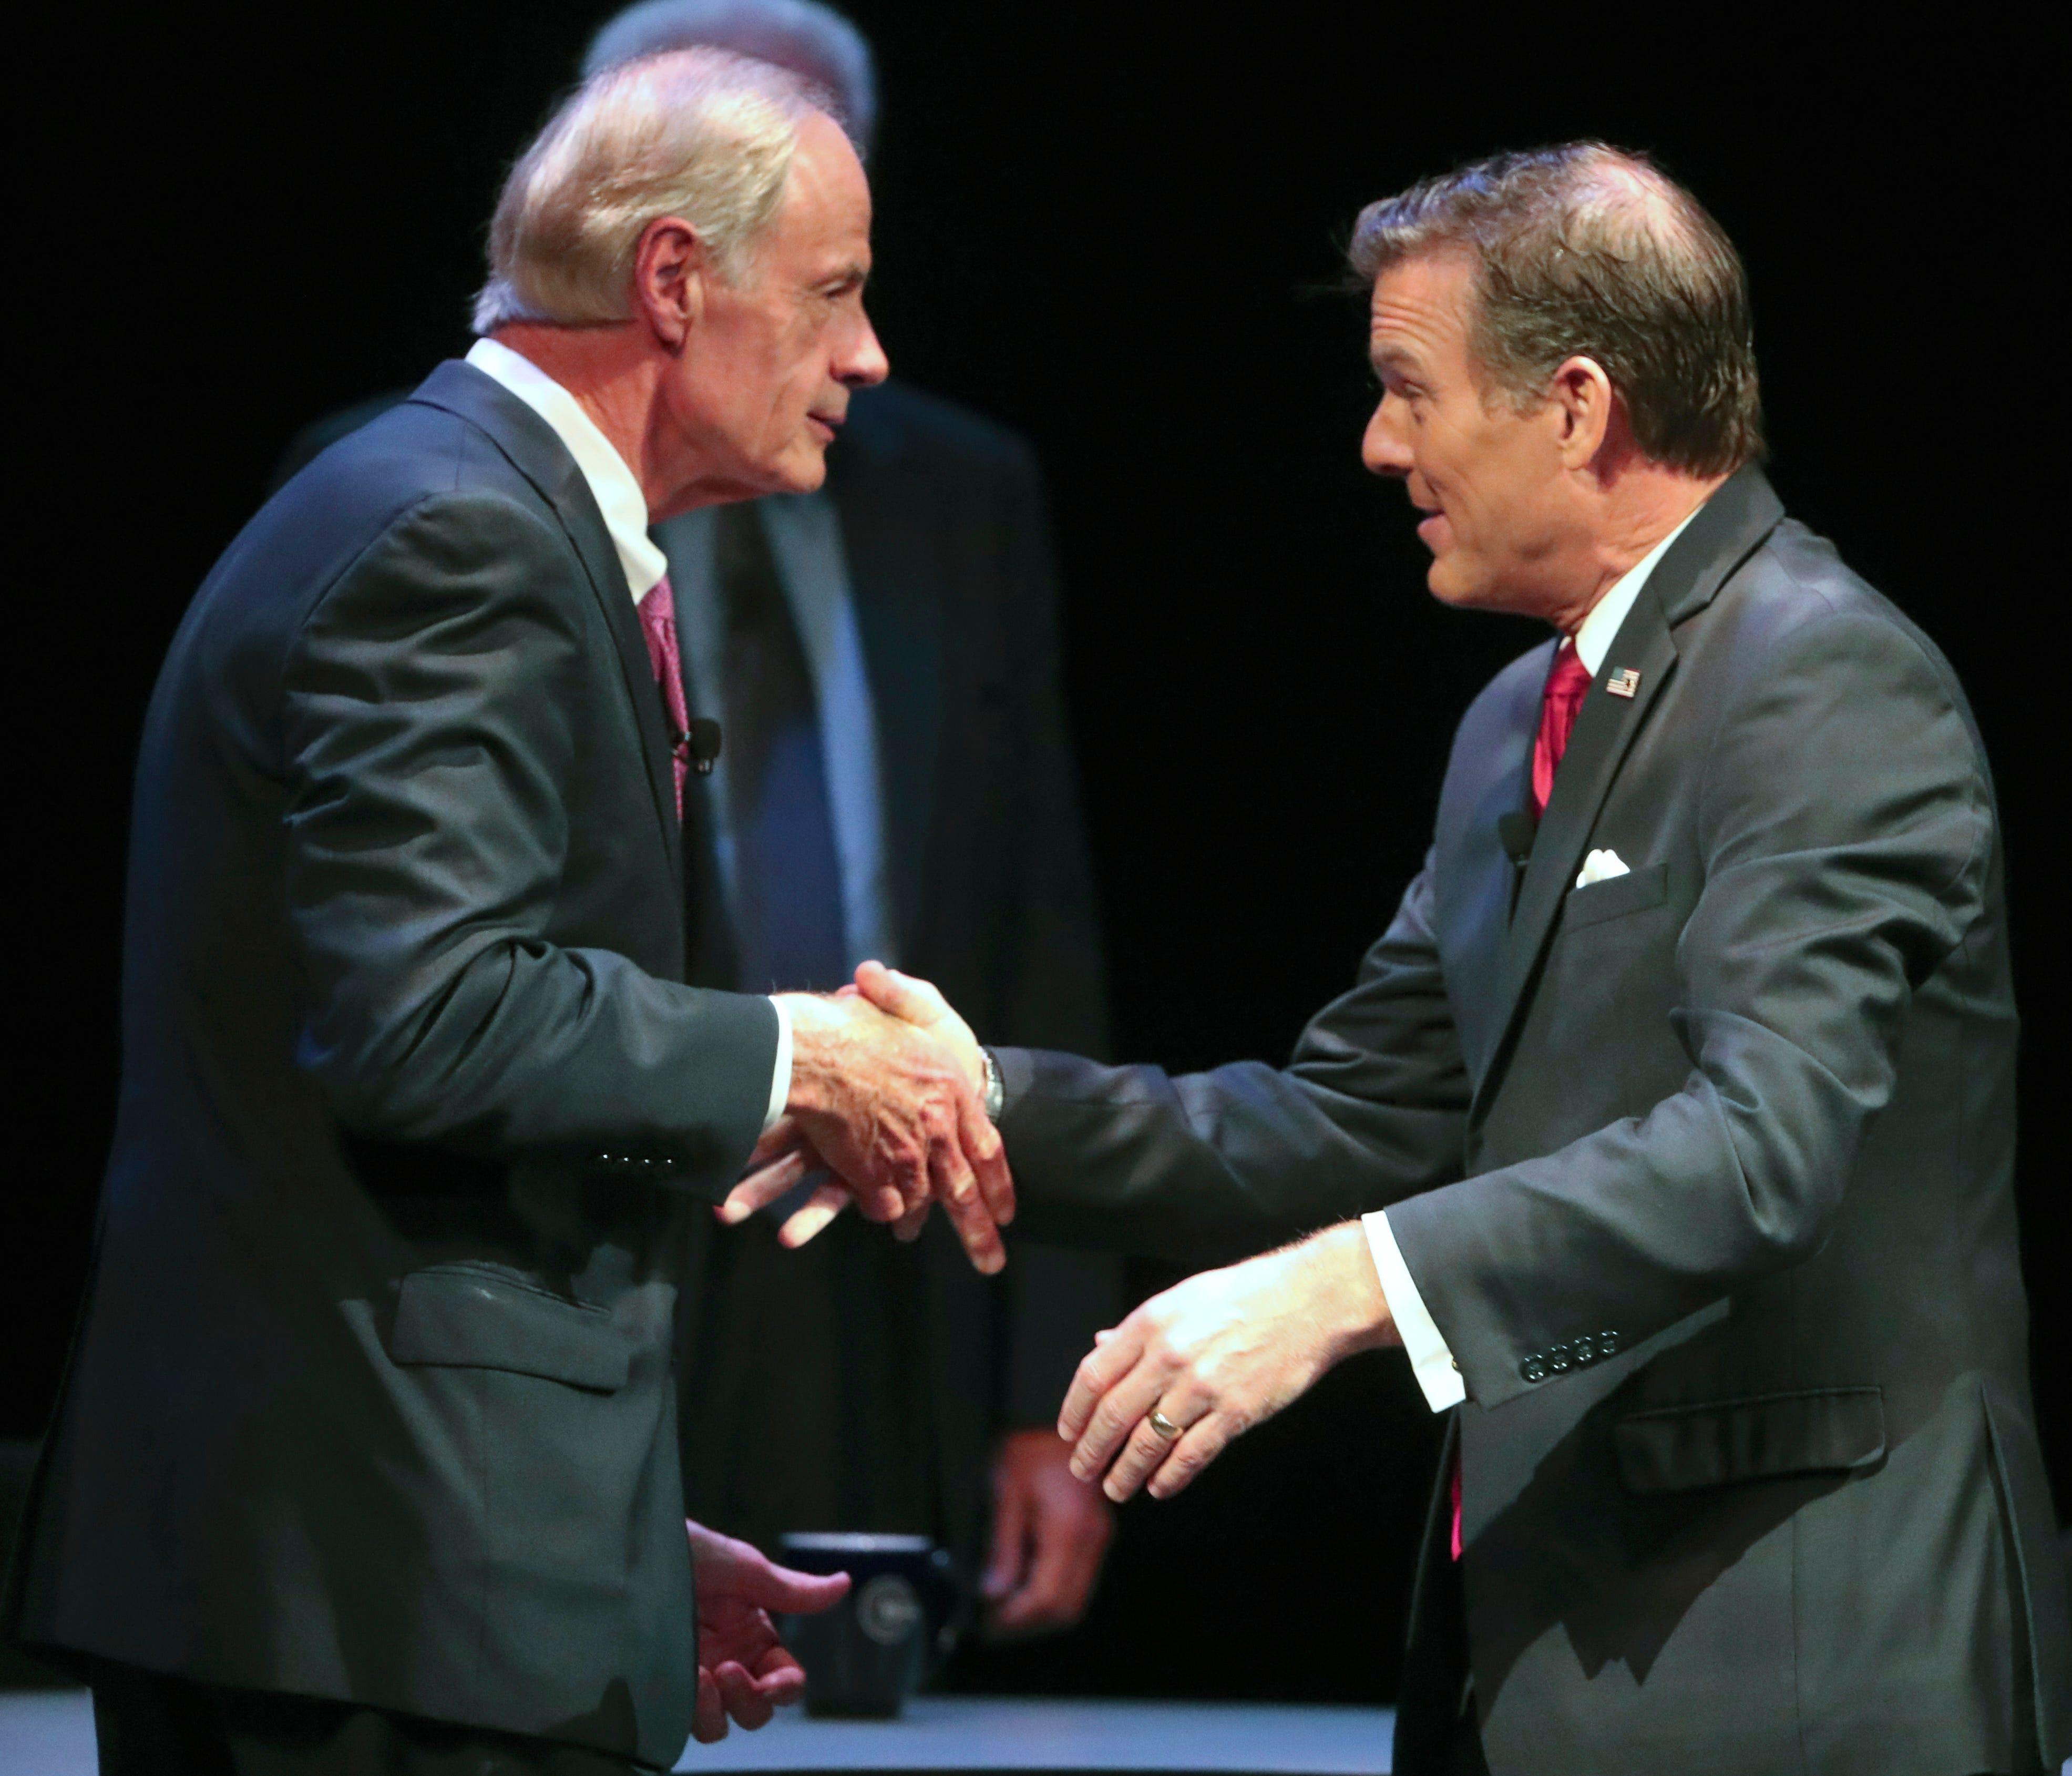 U.S. Sen. Tom Carper pressed about decades-old domestic violence incident during debate | Delaware Online